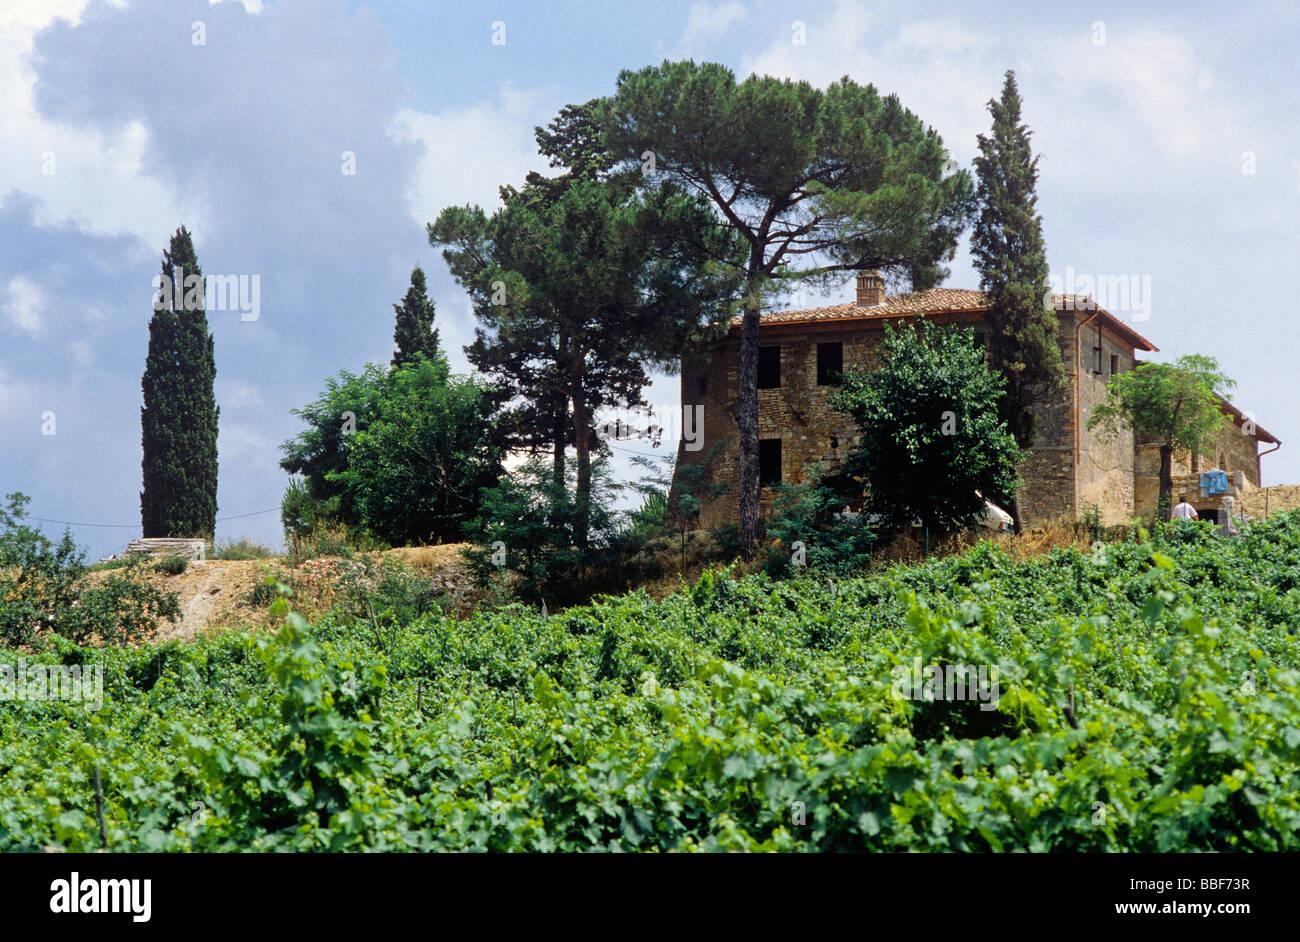 farmstead and winery region of tuskany italy - Stock Image